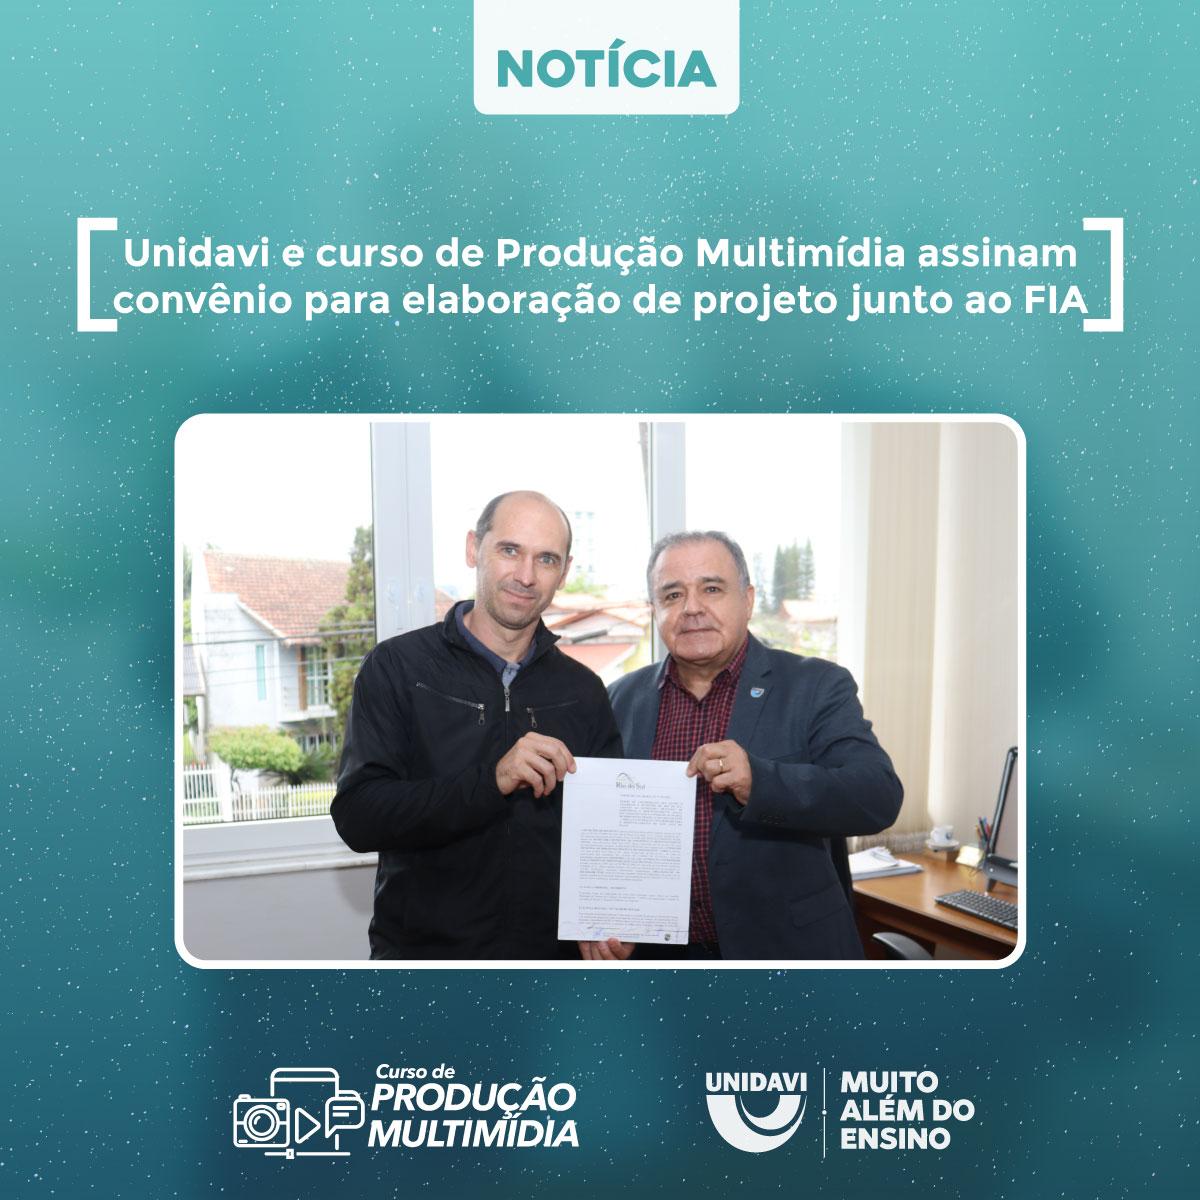 Unidavi e curso de Produção Multimídia assinam convênio para elaboração de projeto junto ao FIA